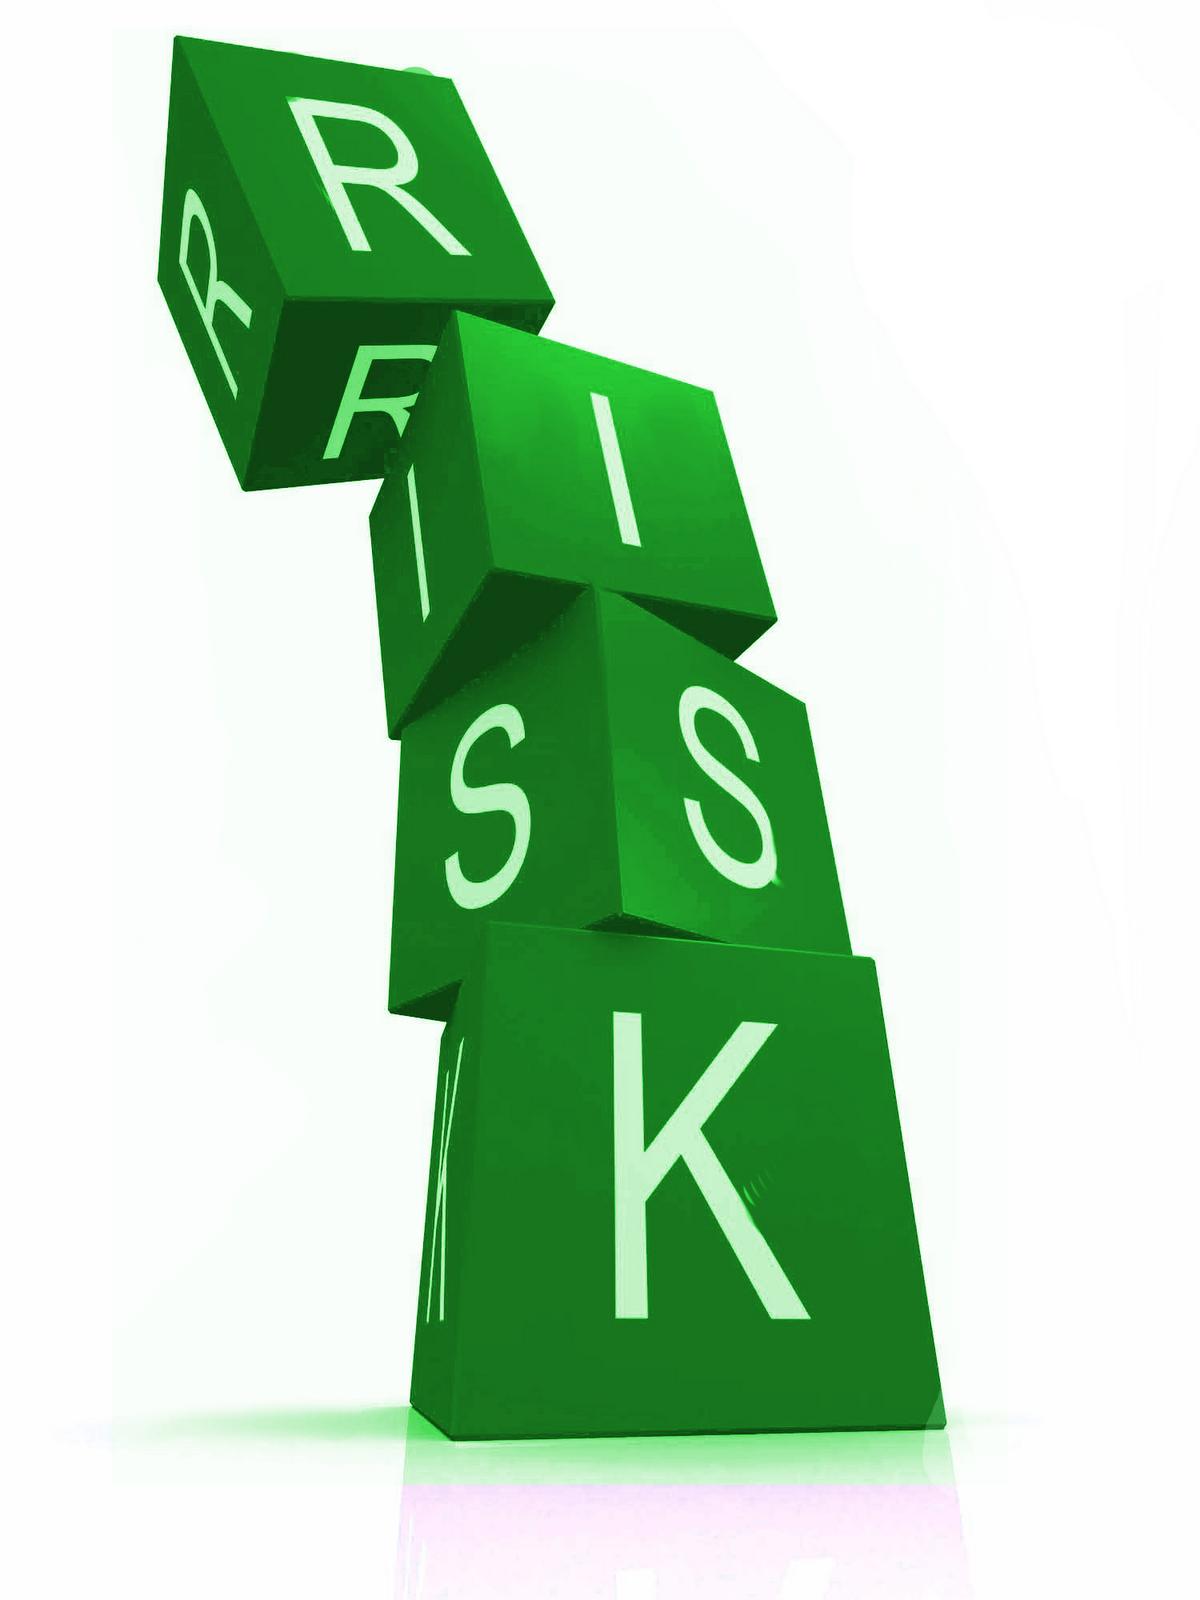 clipart risk management - photo #9